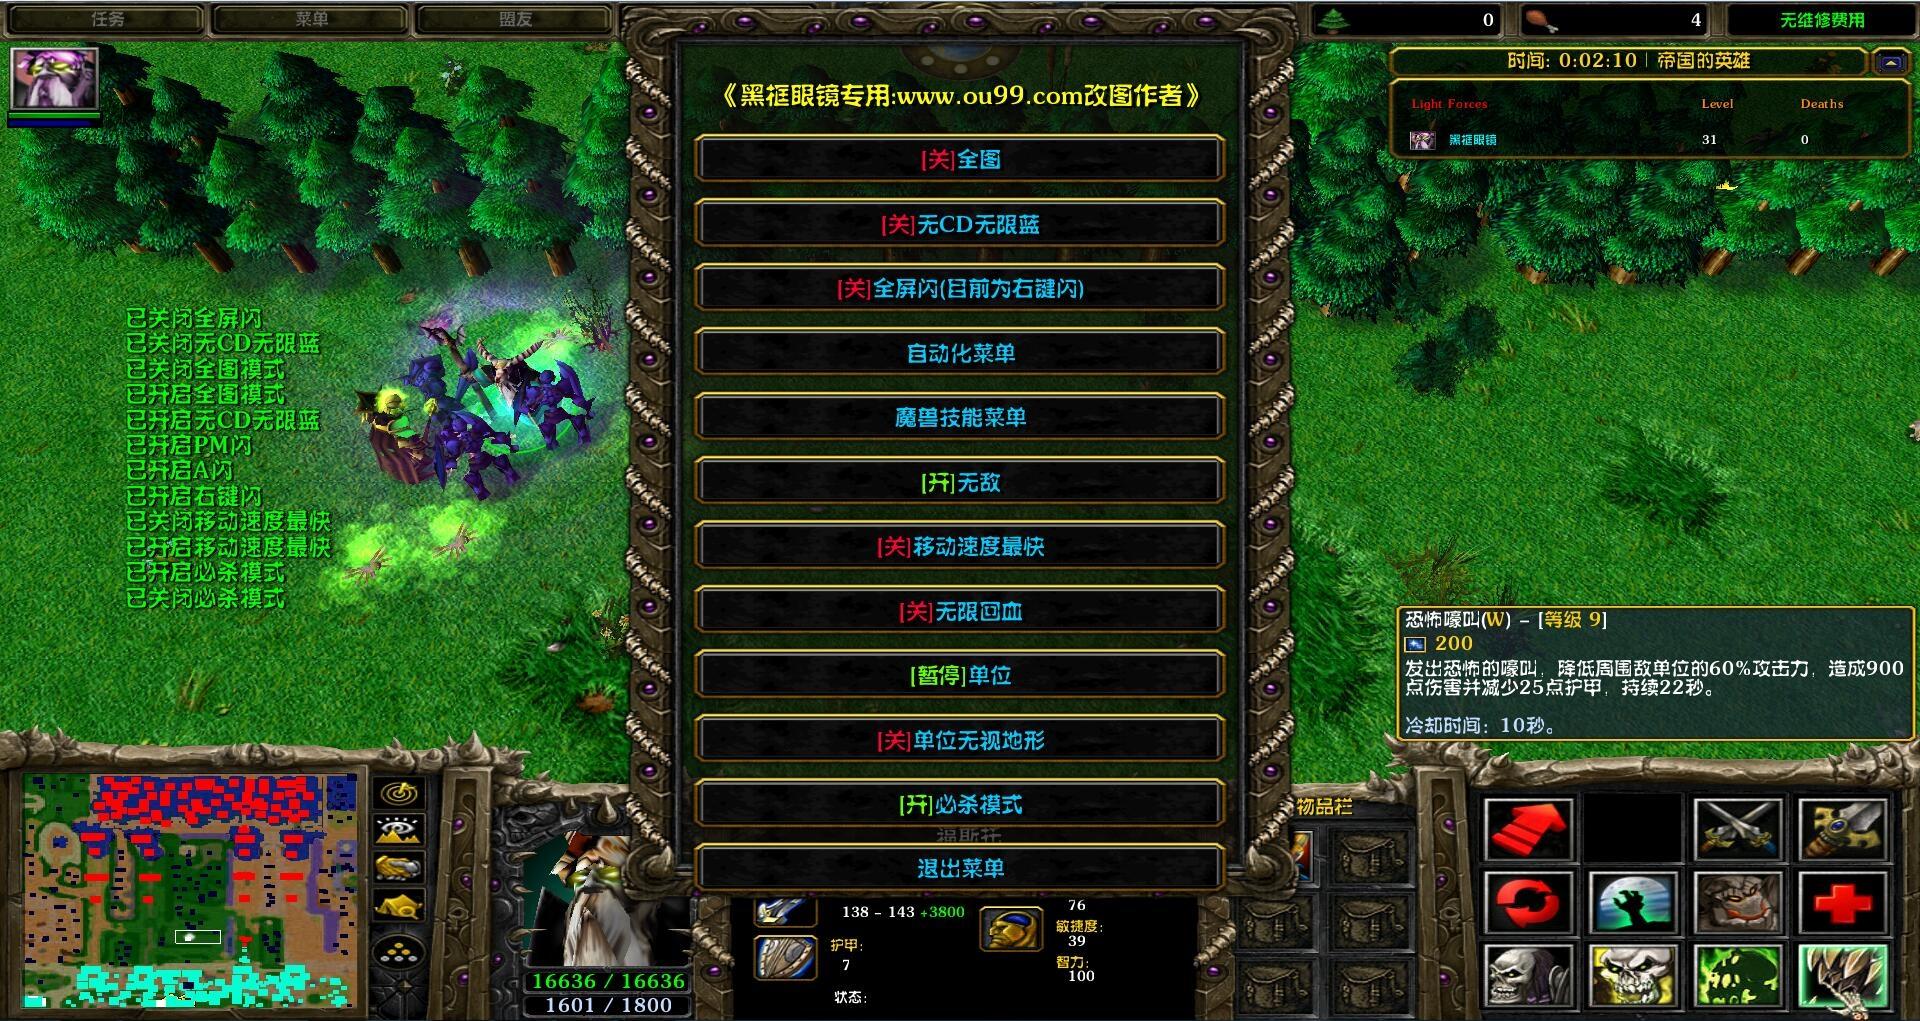 帝国的英雄汉化版v1.3.23黑式破解